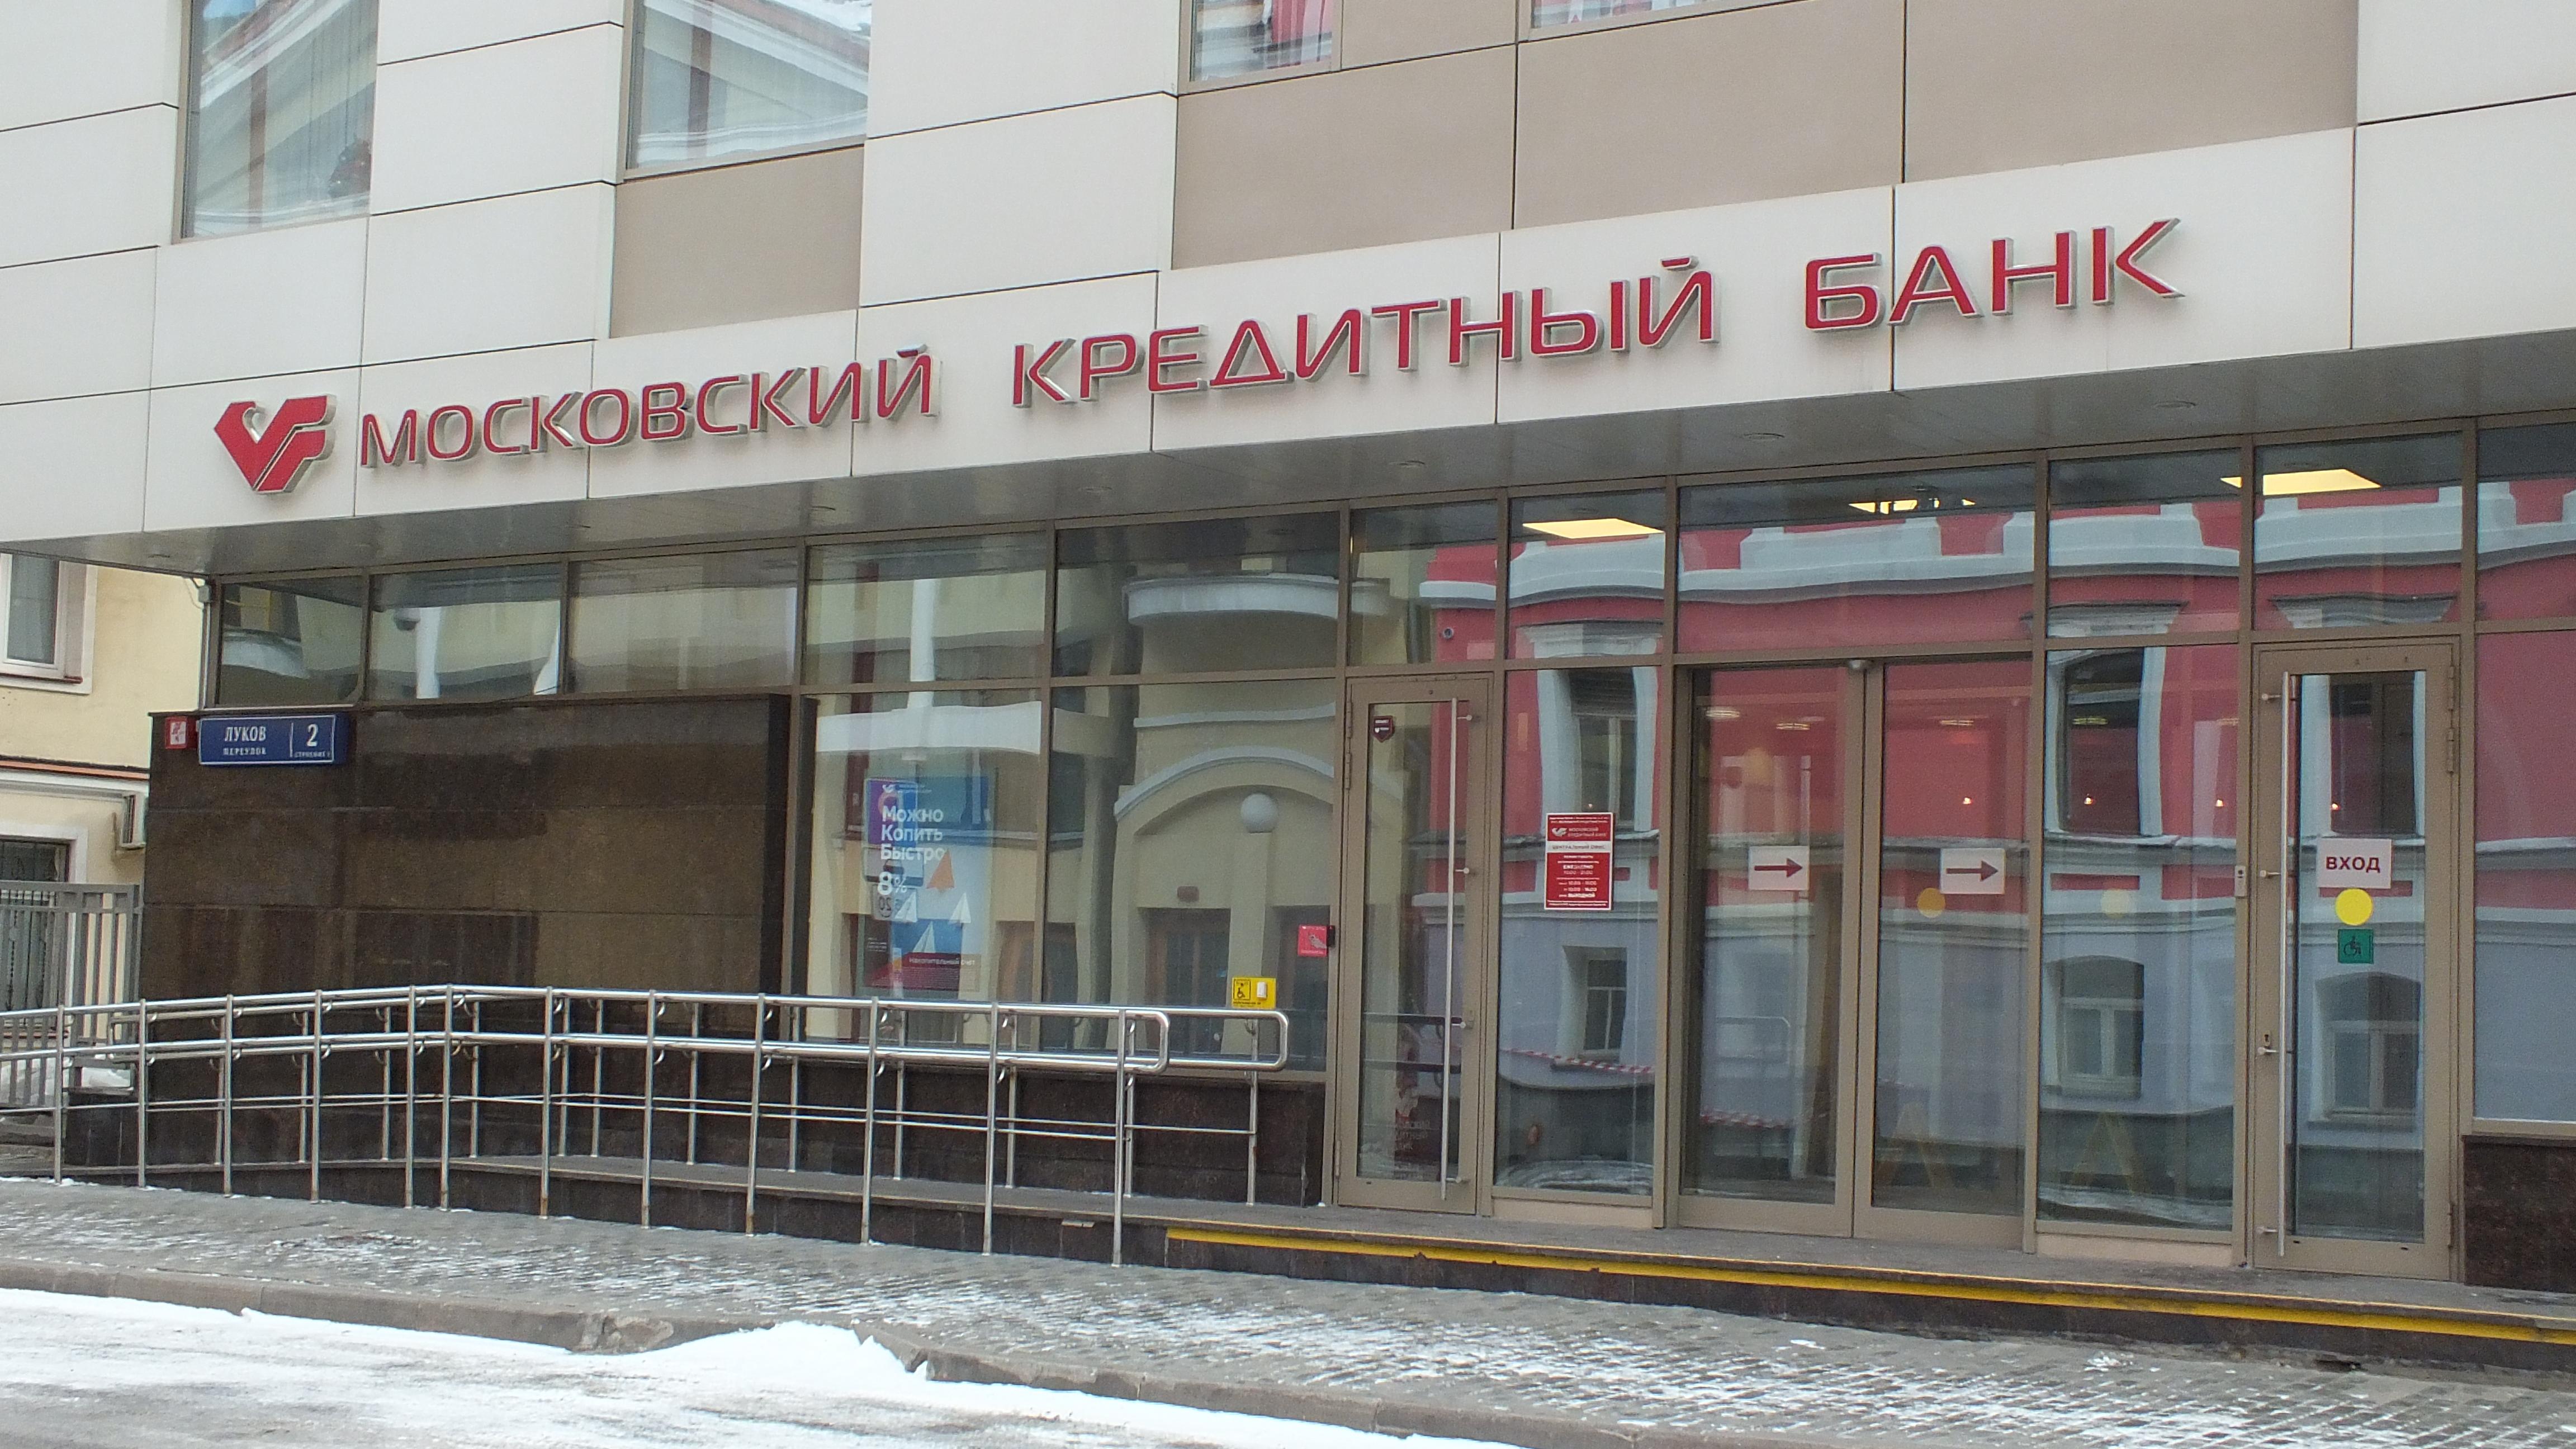 Московский кредитный банк вклады мега онлайн